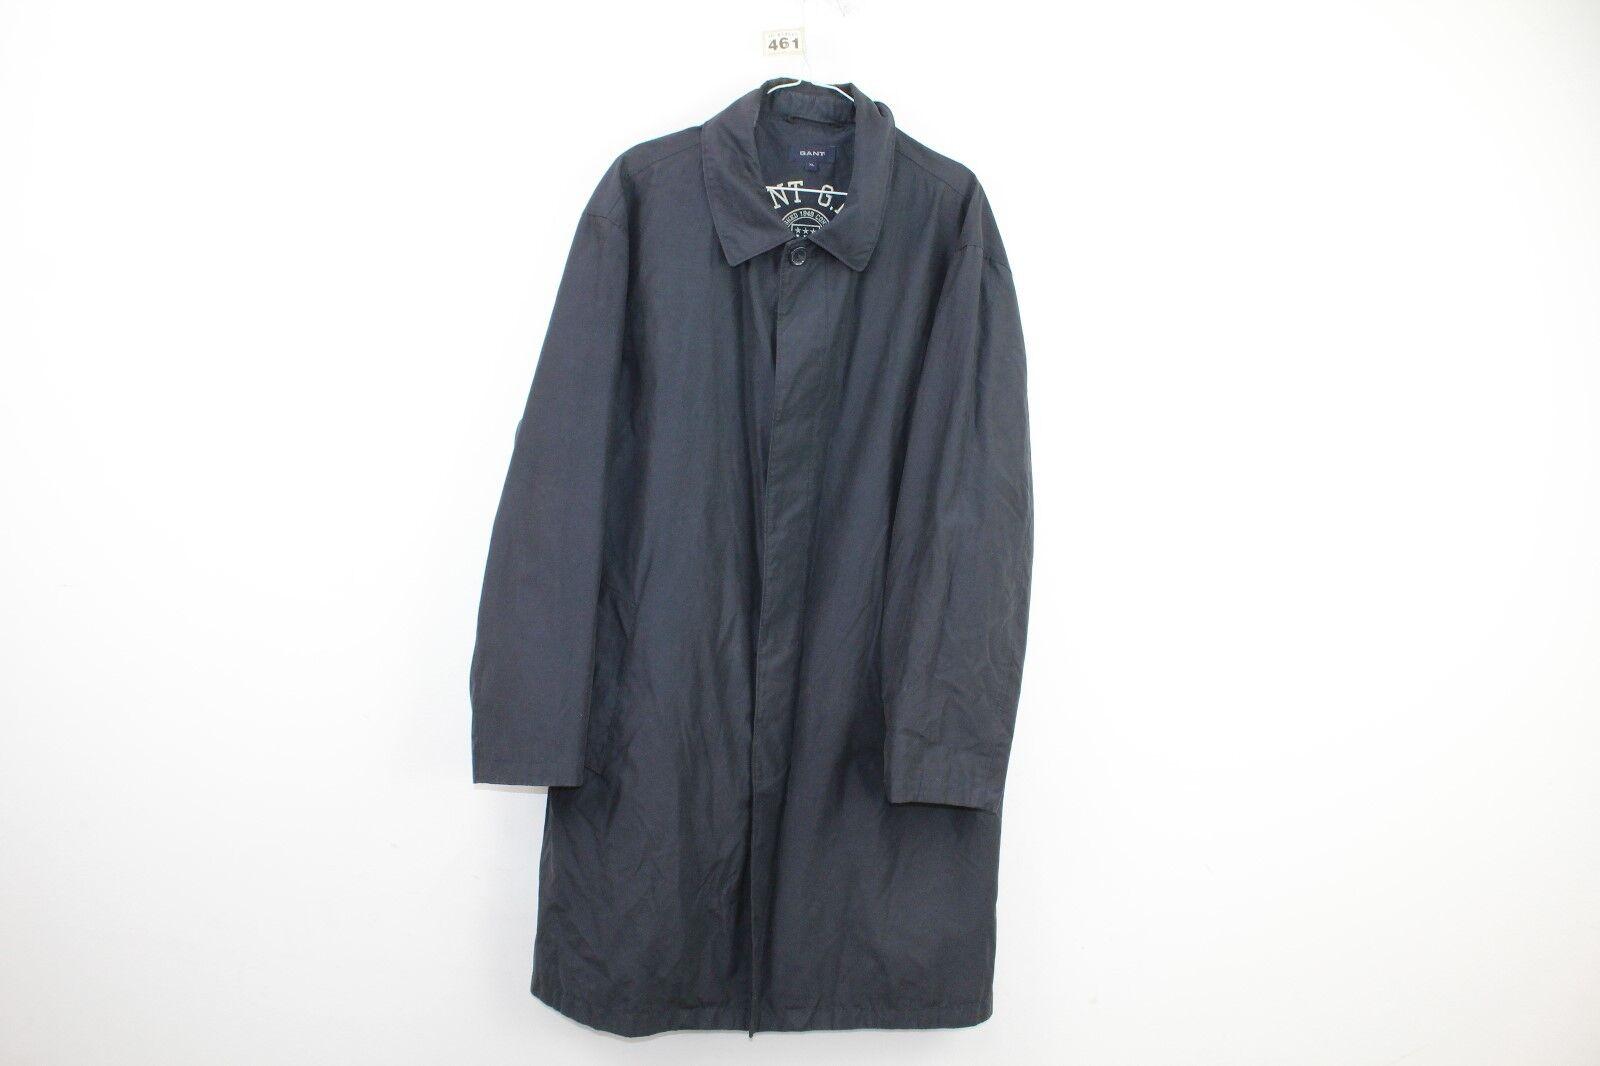 Bleu 15 Gant Homme Taille Xl s461 2 No Manteau qEP0Bwf